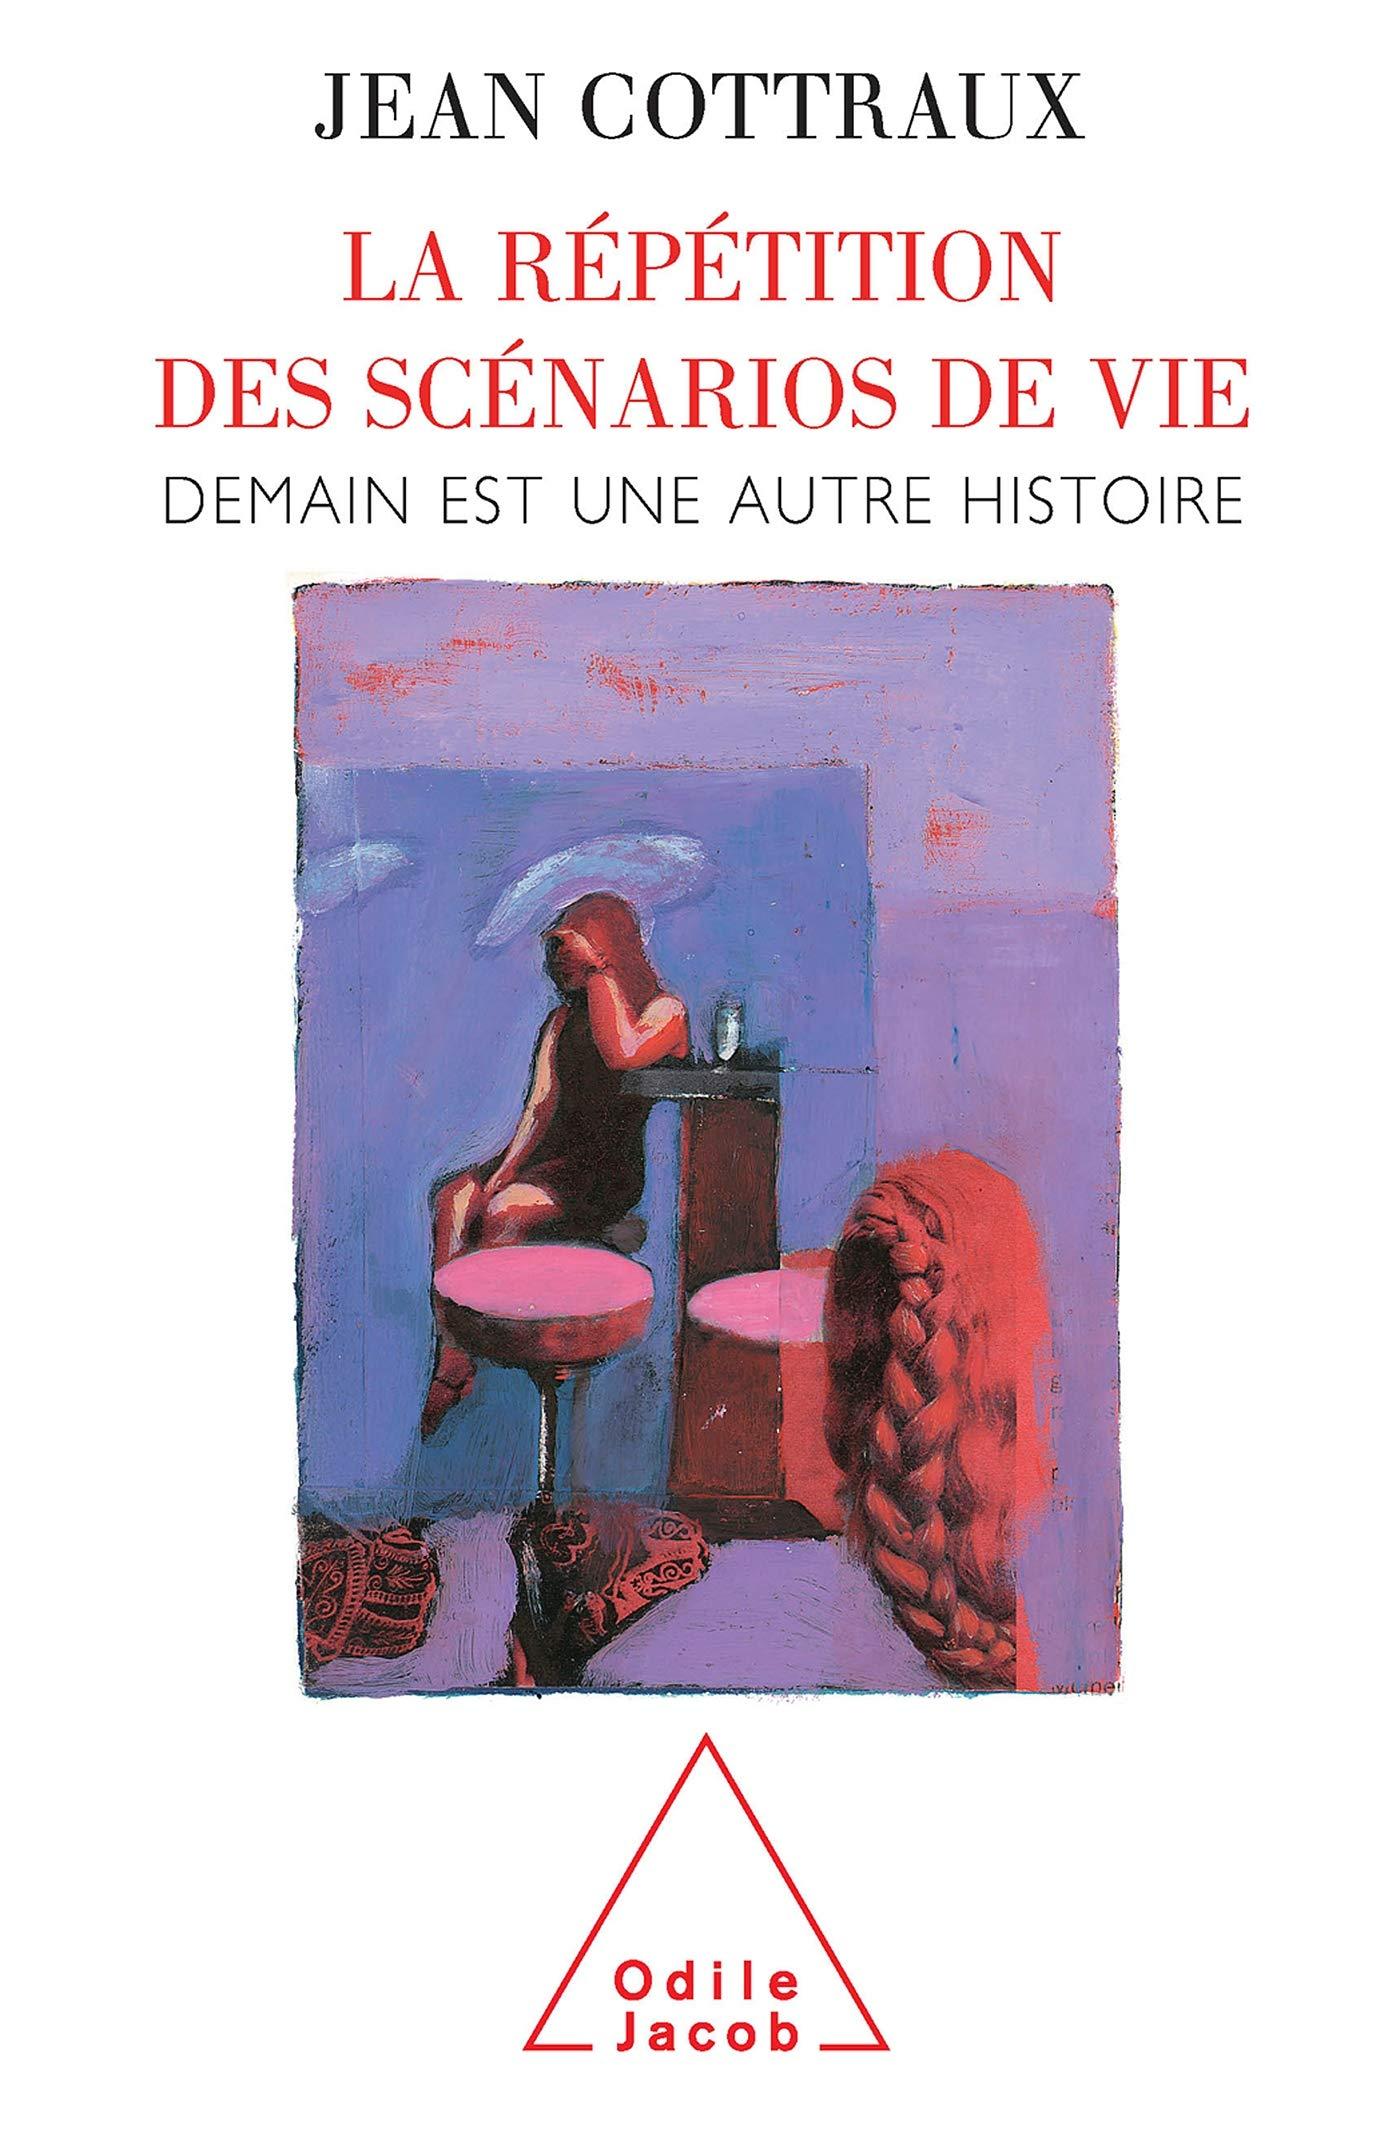 La Repetition Des Scenarios De Vie Demain Est Une Autre Histoire Oj Psychologie French Edition Cottraux Jean 9782738109859 Amazon Com Books